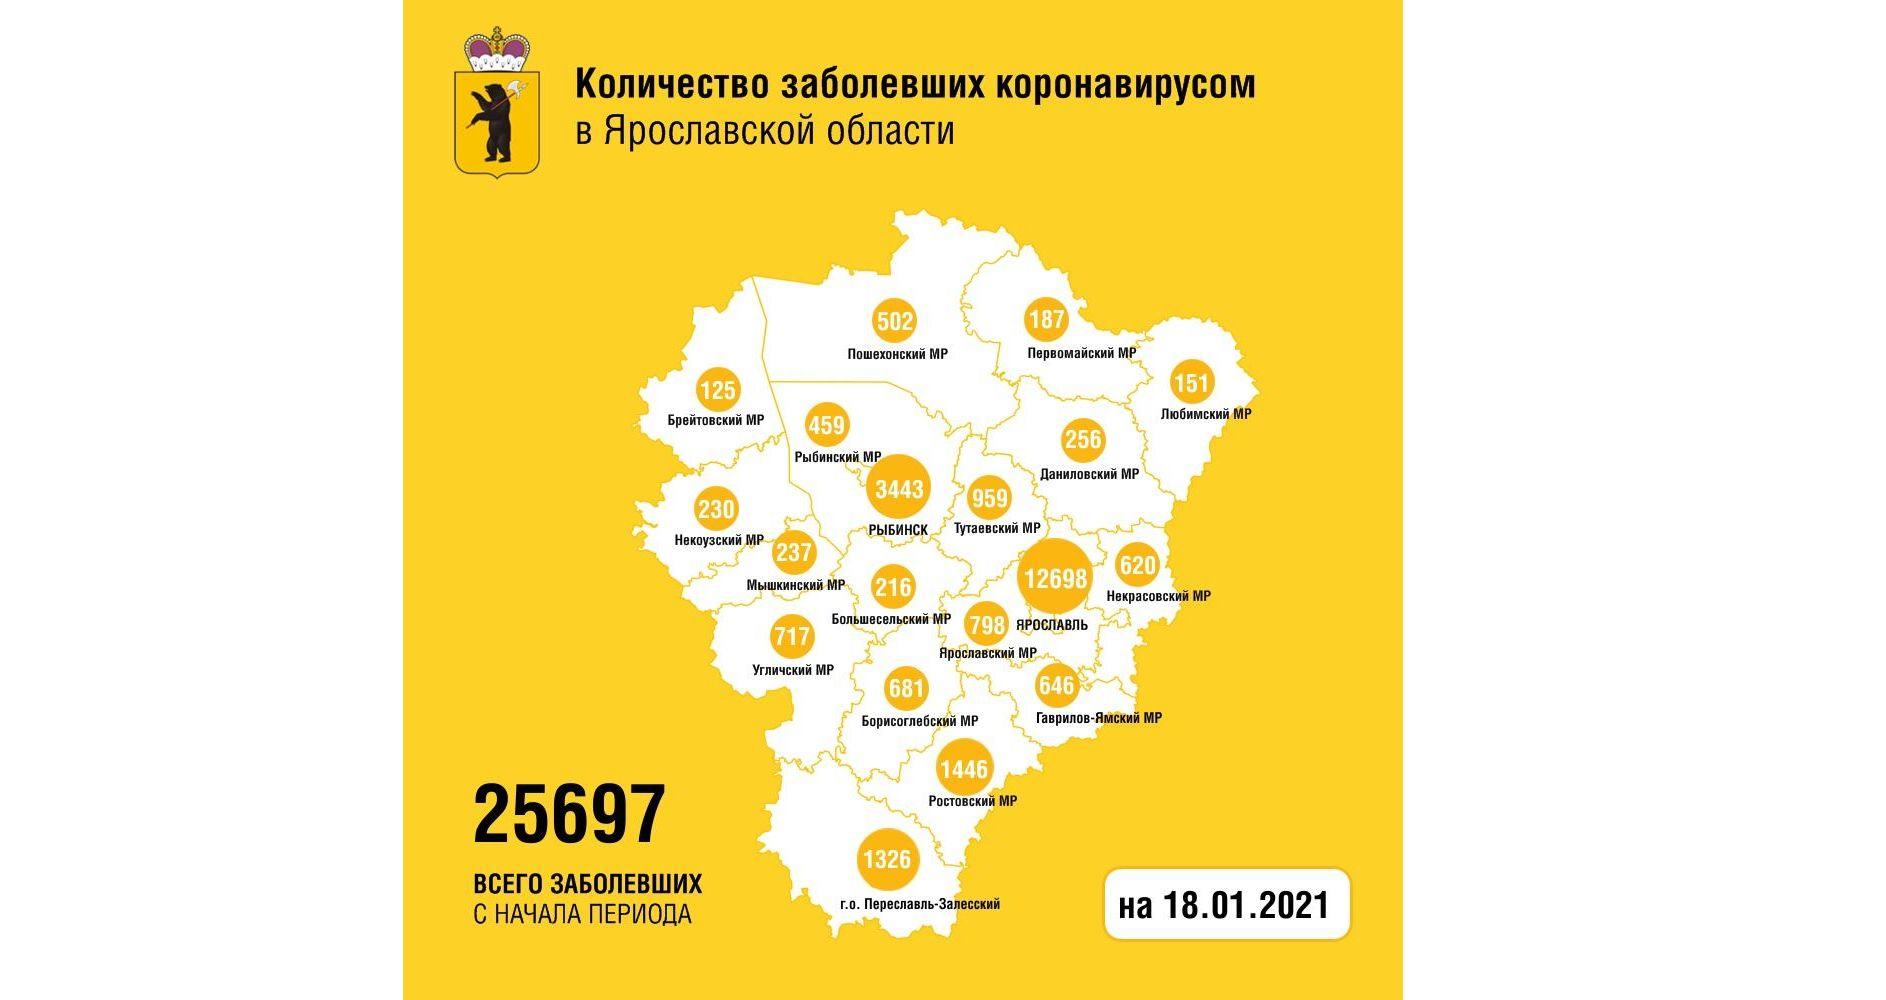 В Ярославской области количество заболевших коронавирусом увеличилось на 187 человек, две женщины скончались